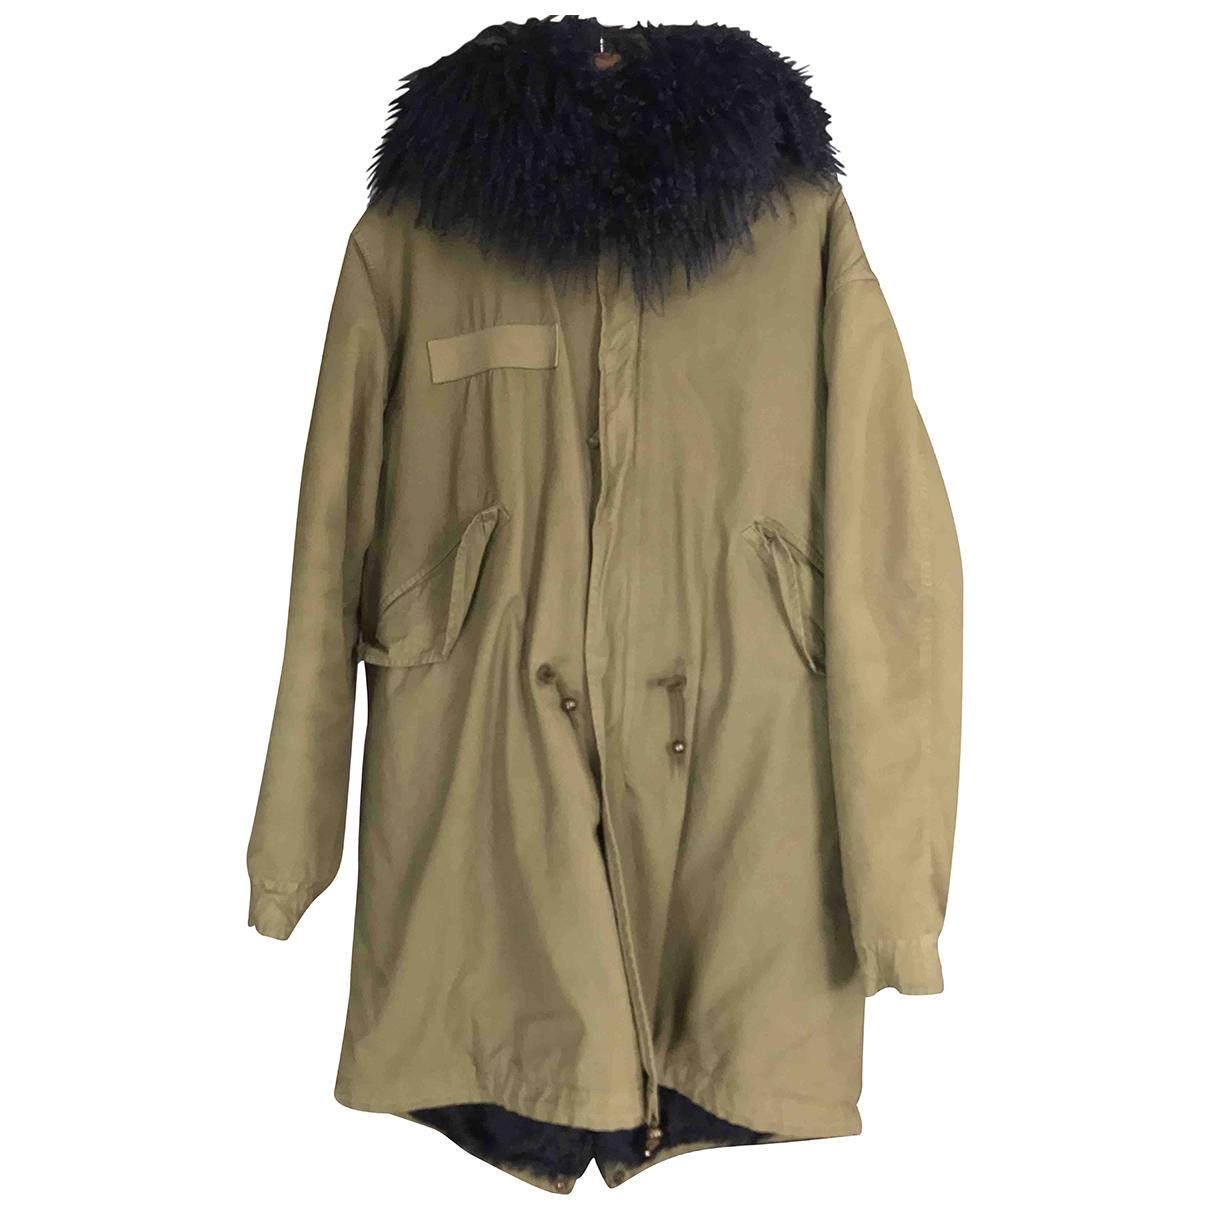 Mr & Mrs Italy \N Khaki Cotton coat for Women S International